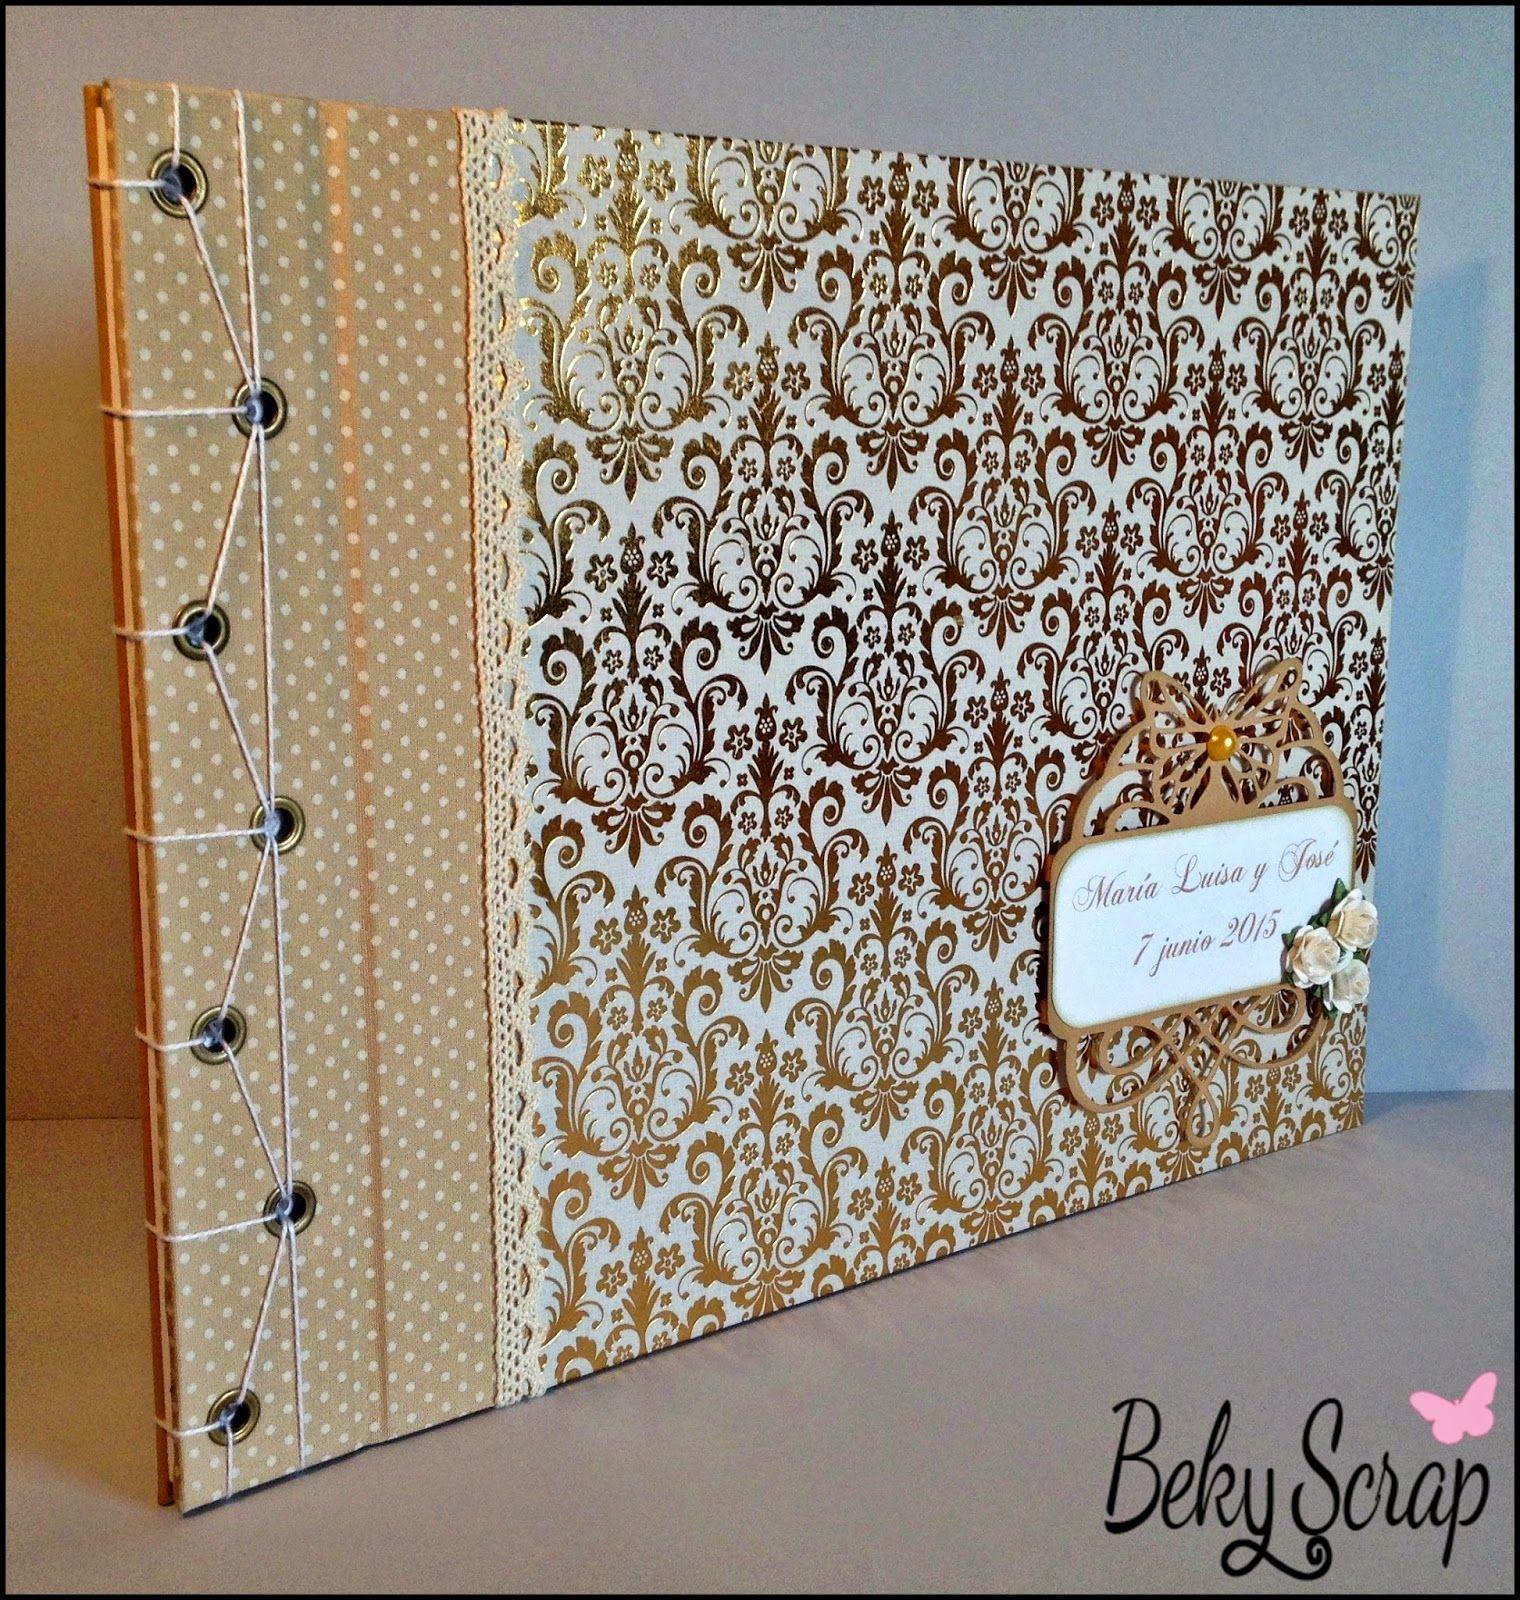 Beky Scrap: Libro de firmas boda M. Luisa y Jose